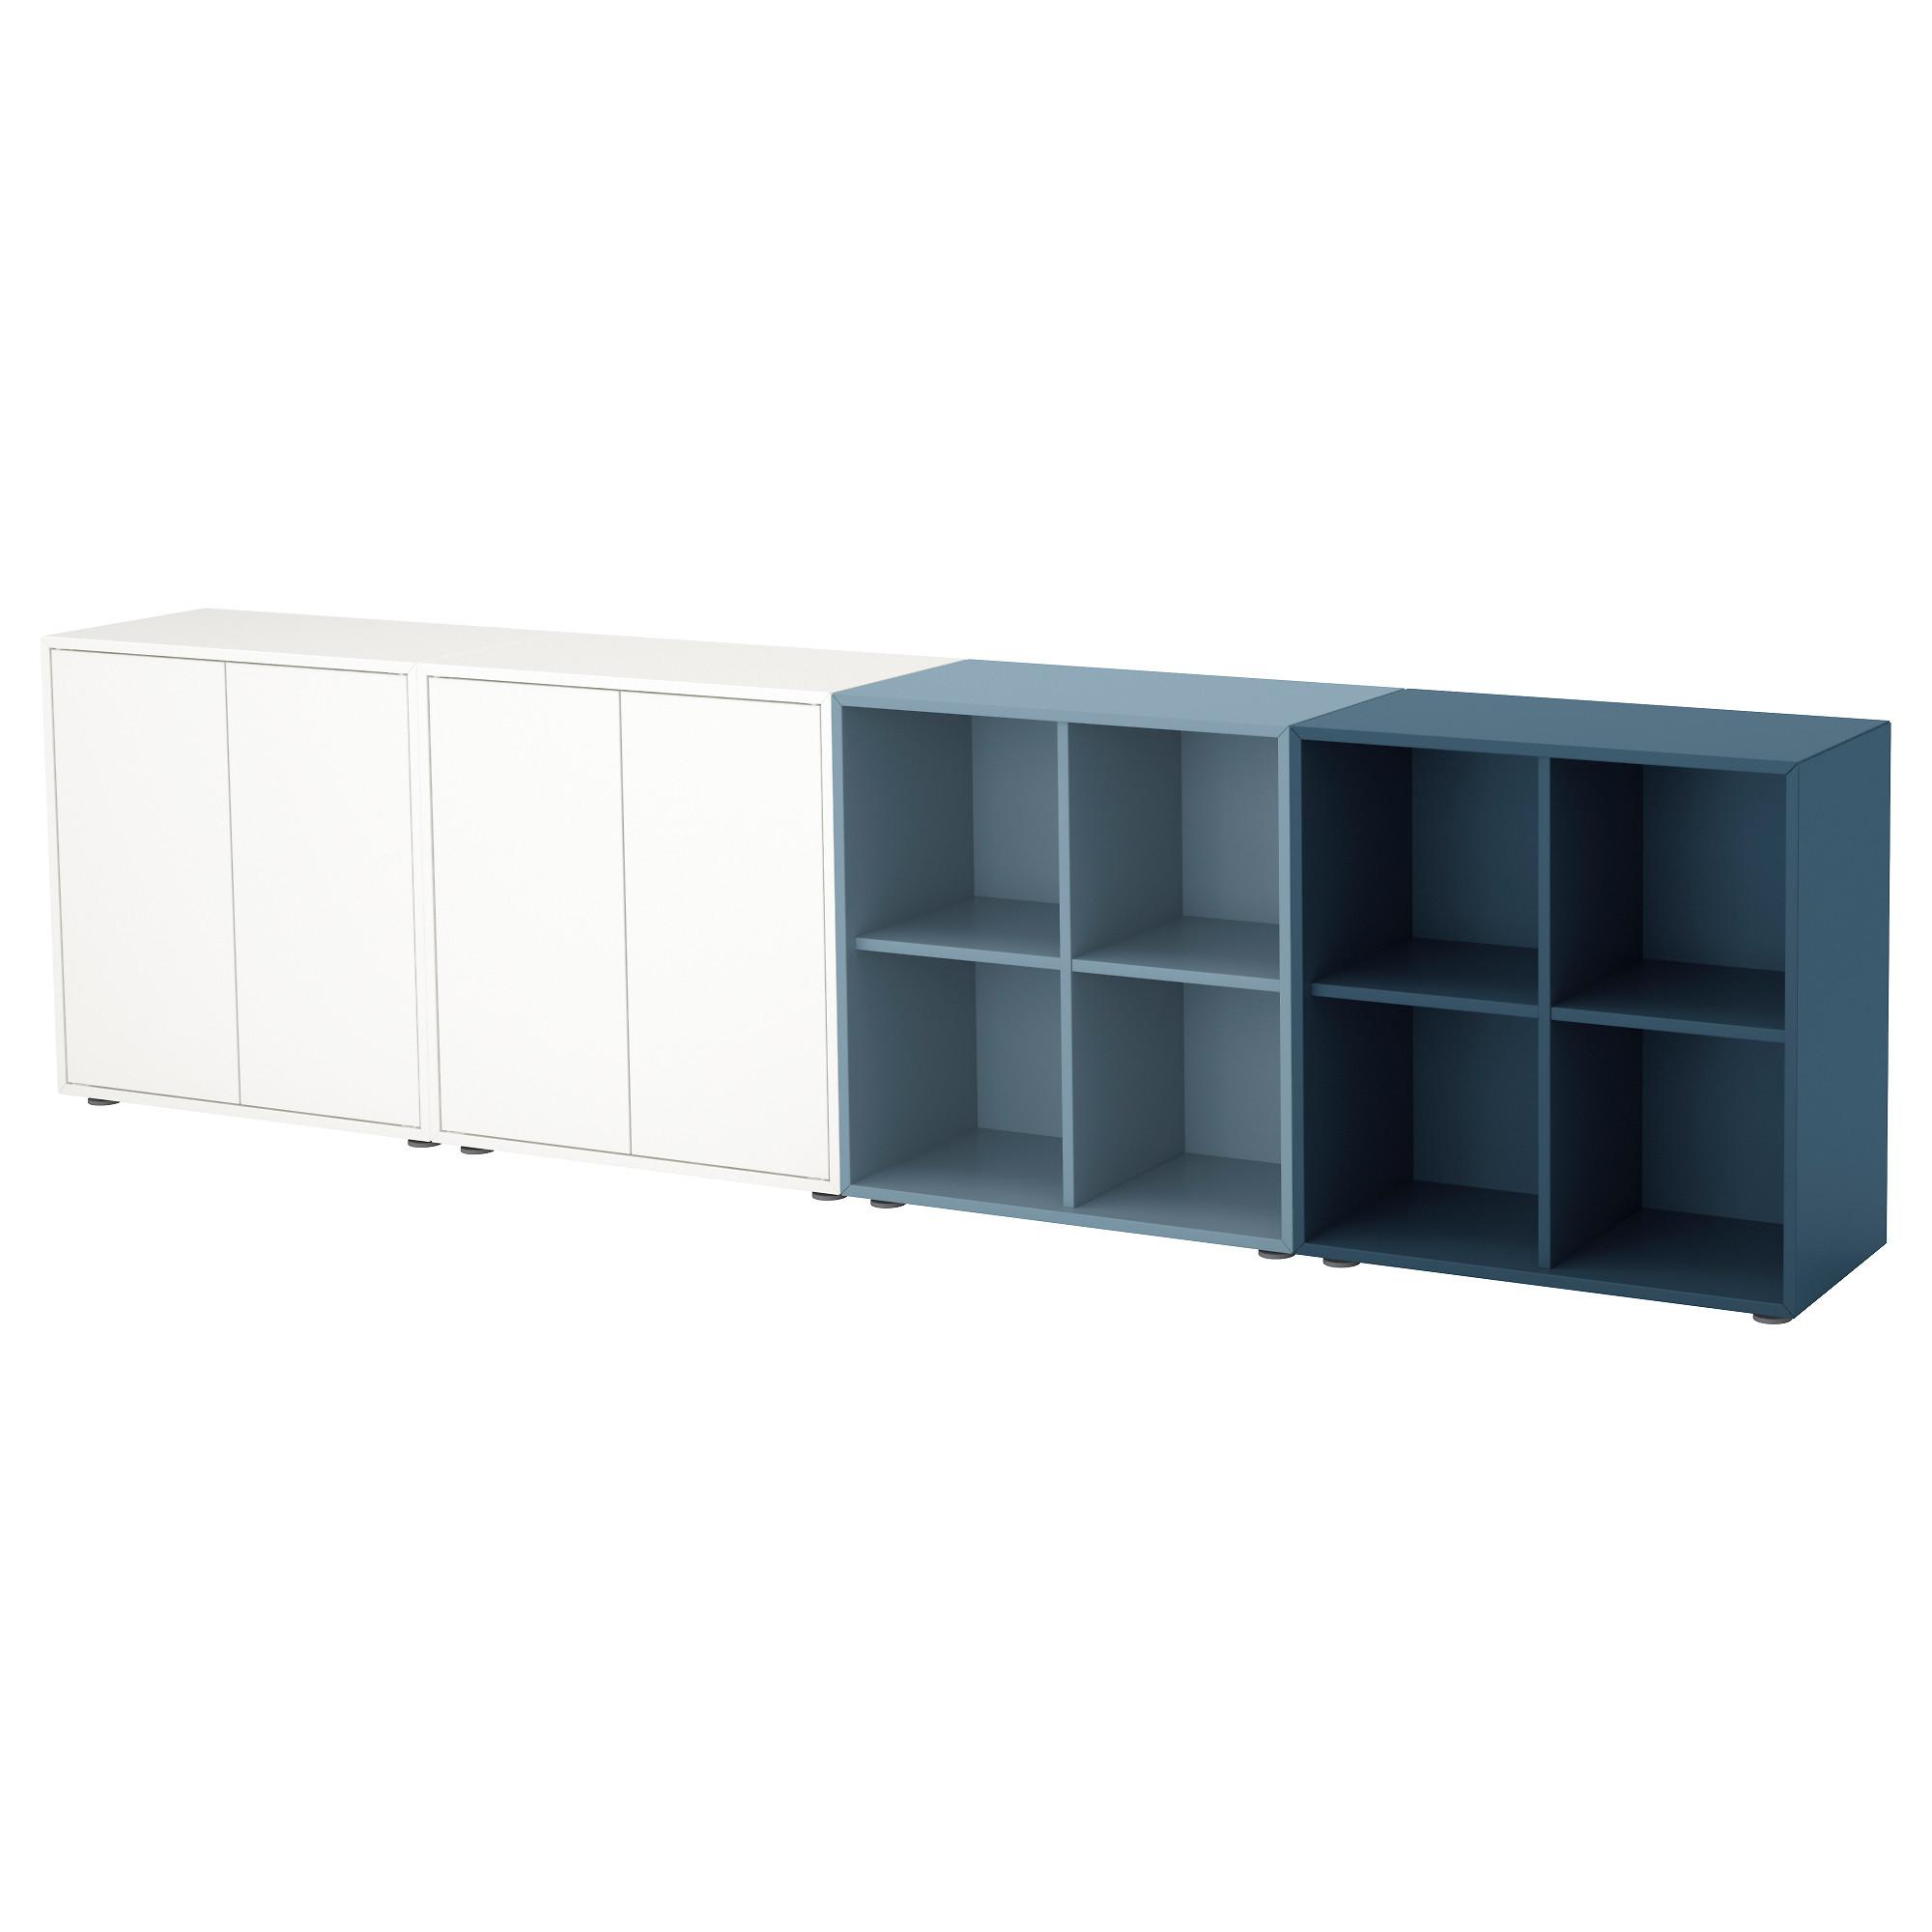 Комбинация шкафов с ножками ЭКЕТ, белый/голубой, темно-синий (280x35x72 см)